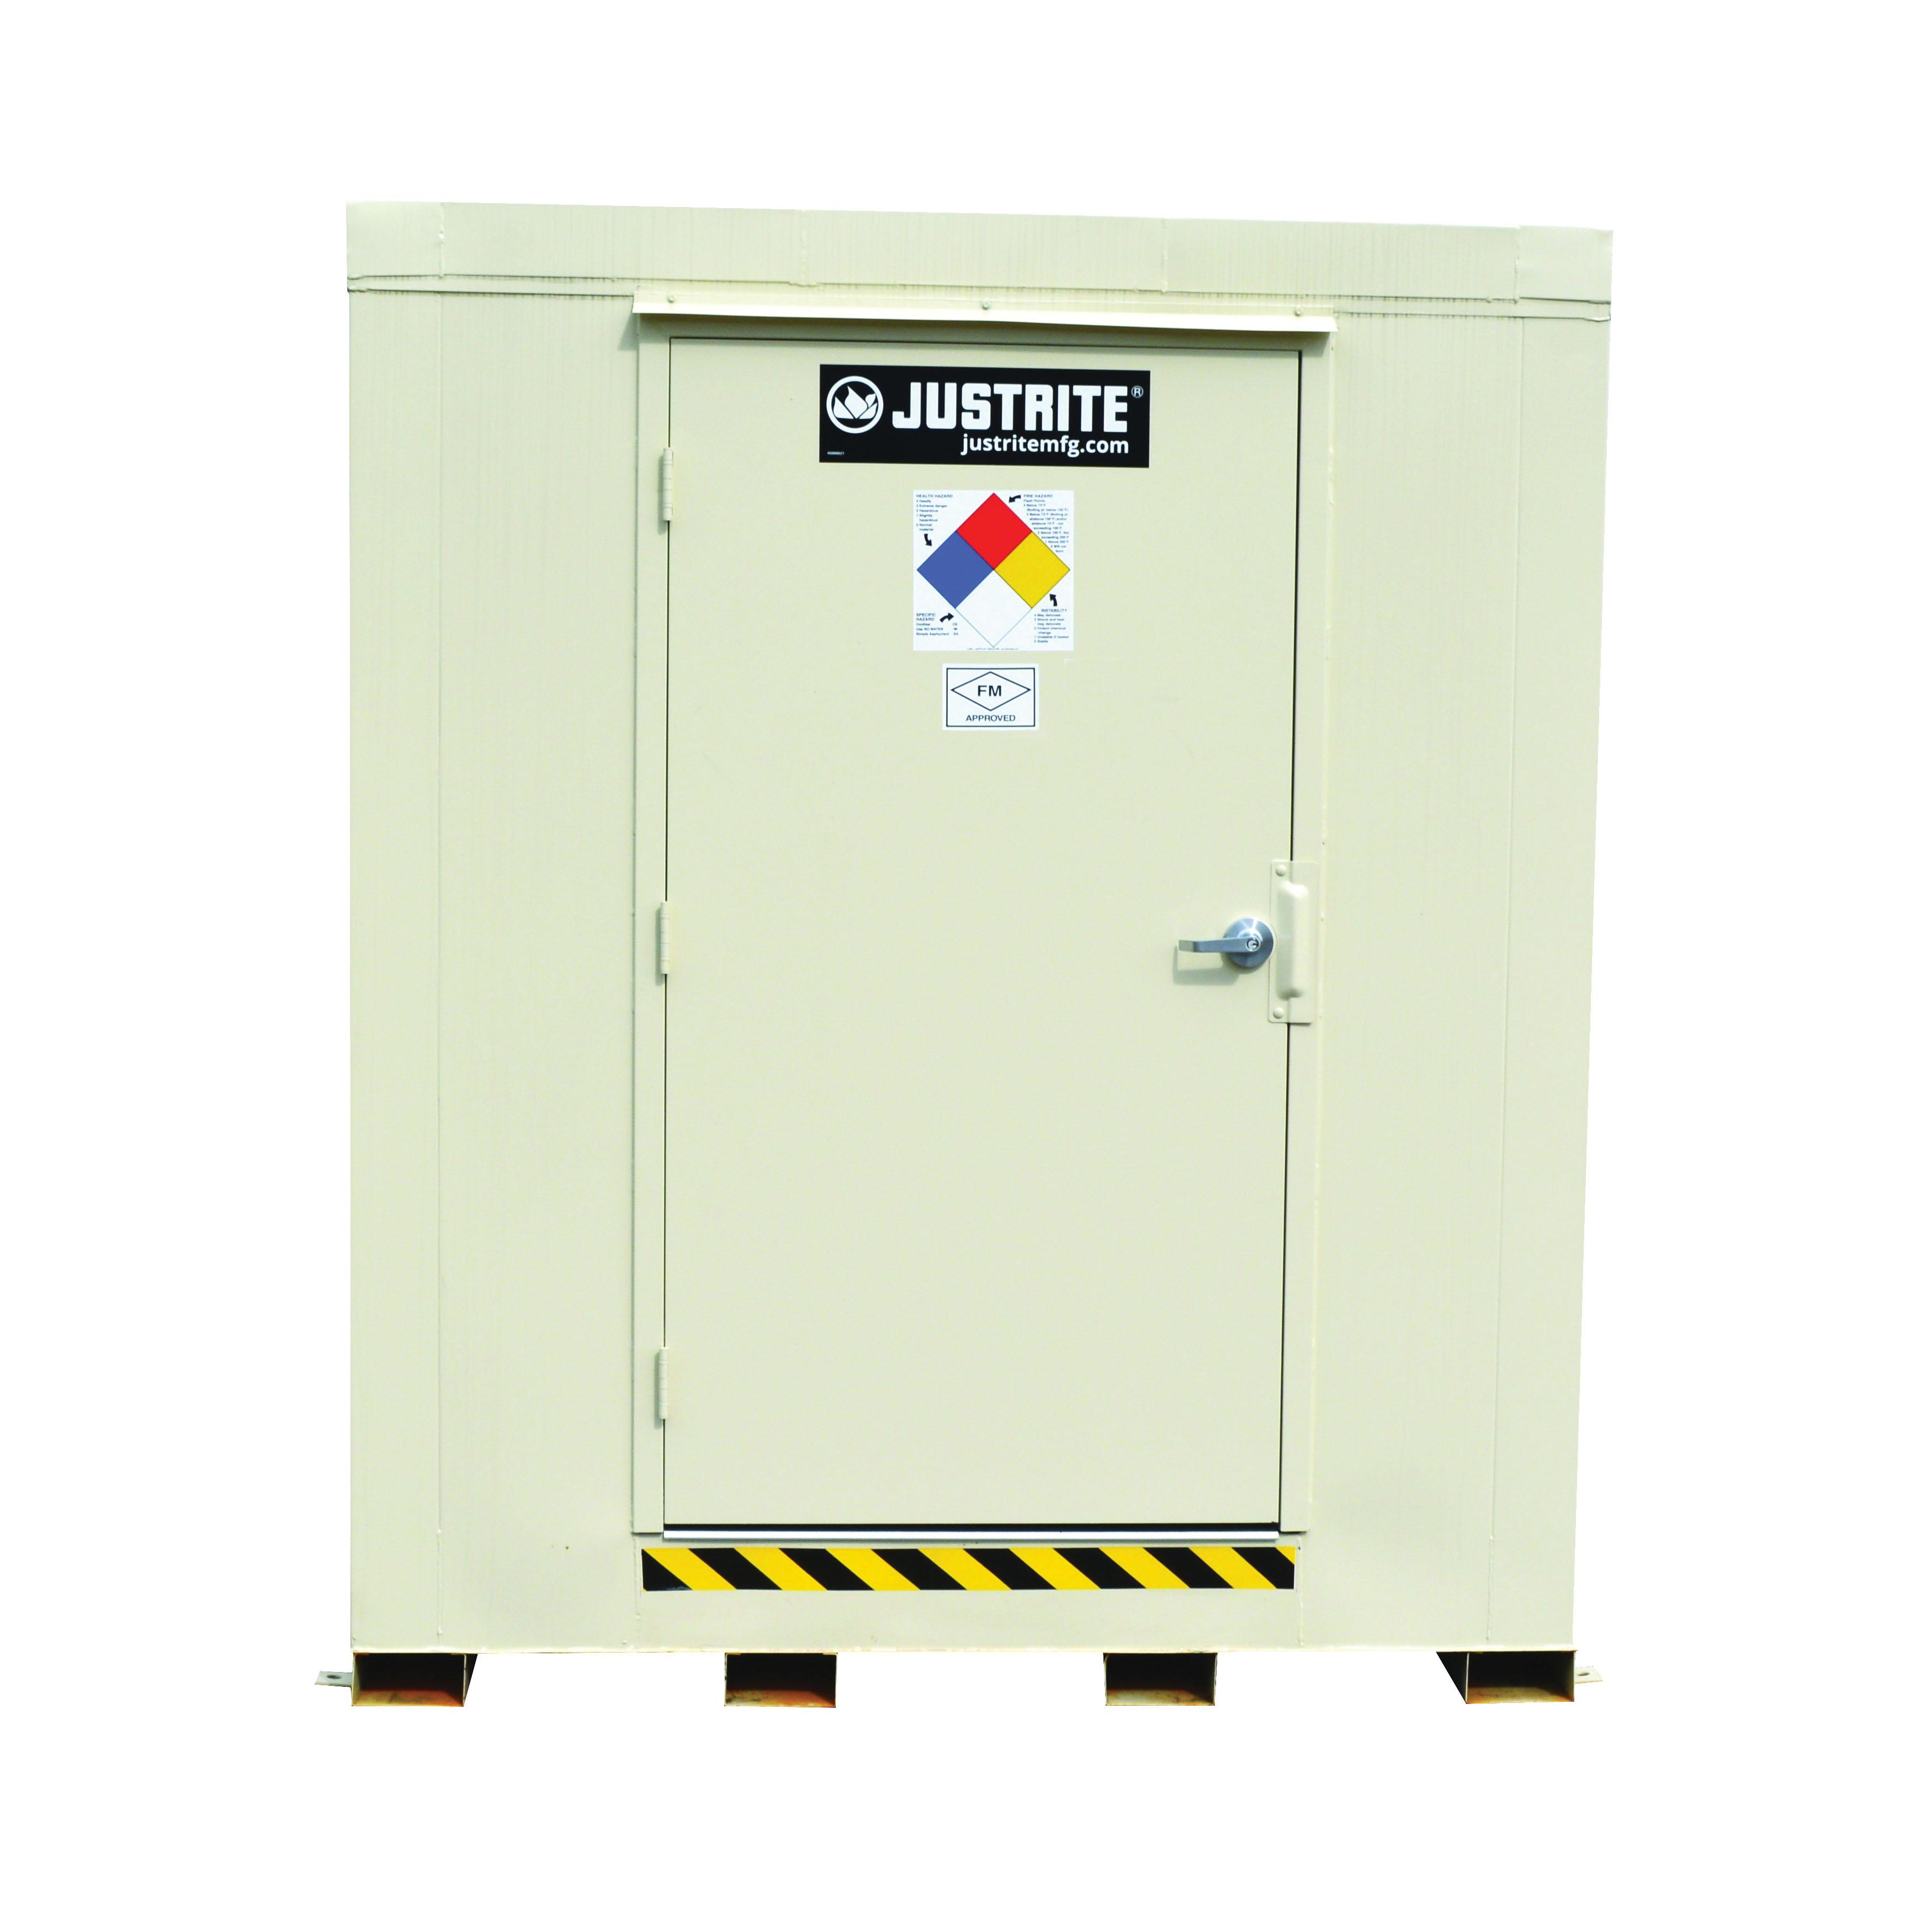 Justrite® 912120 Outdoor Safety Locker, 2 hr Fire Rating, 97 in H x 88 in W x 112 in D, Fire-Rated Door, 1 Doors, Heavy Gauge Steel, Bone